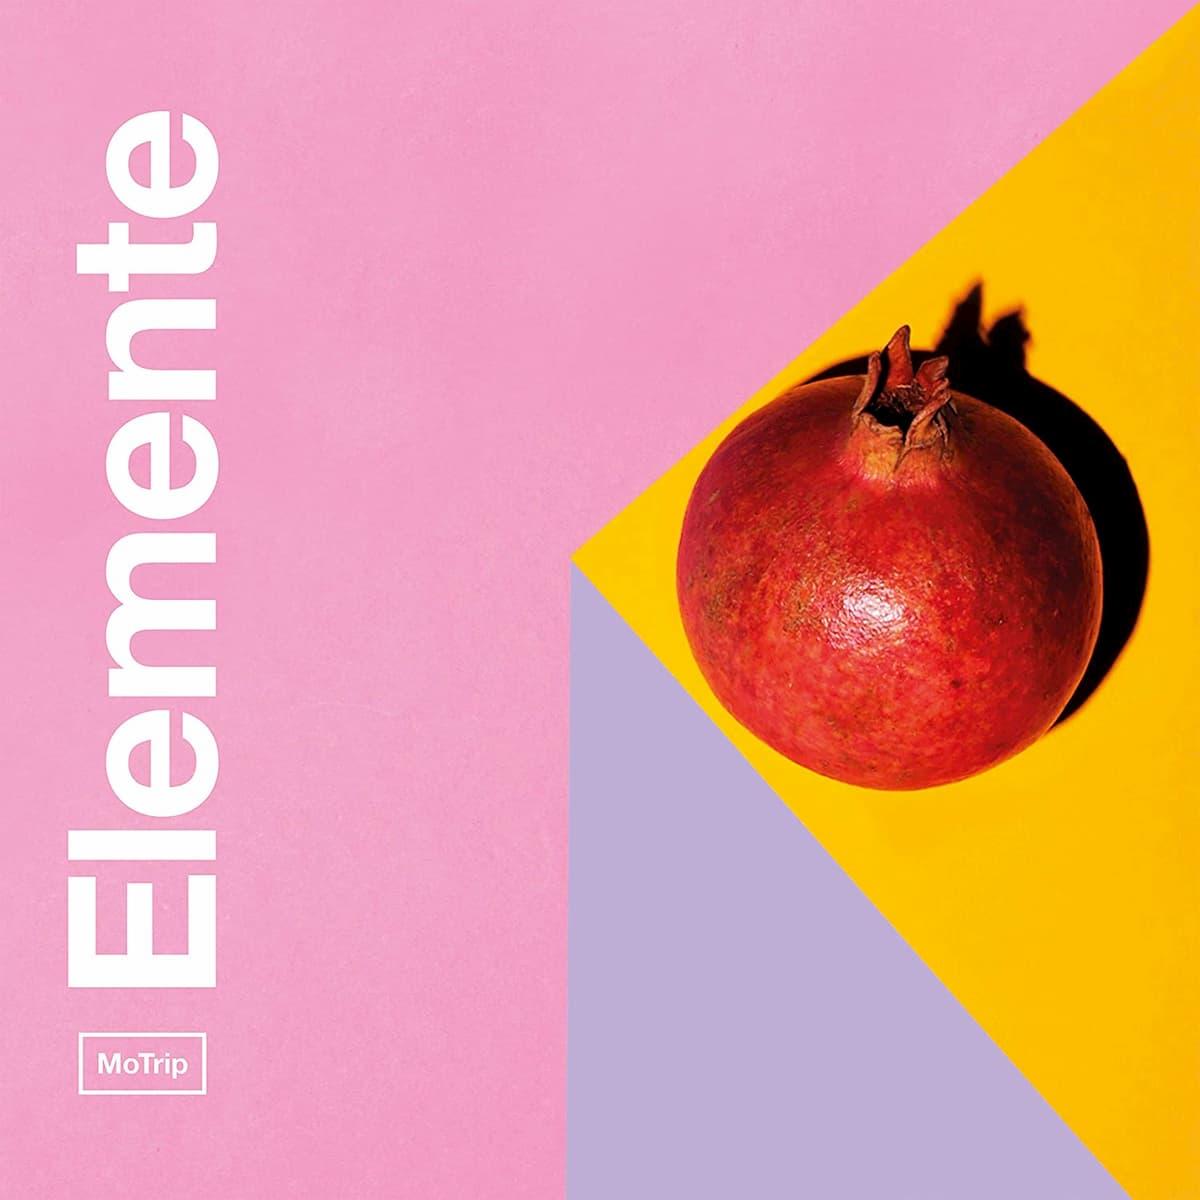 MoTrip veröffentlicht Album Elemente - Best of MoTrip